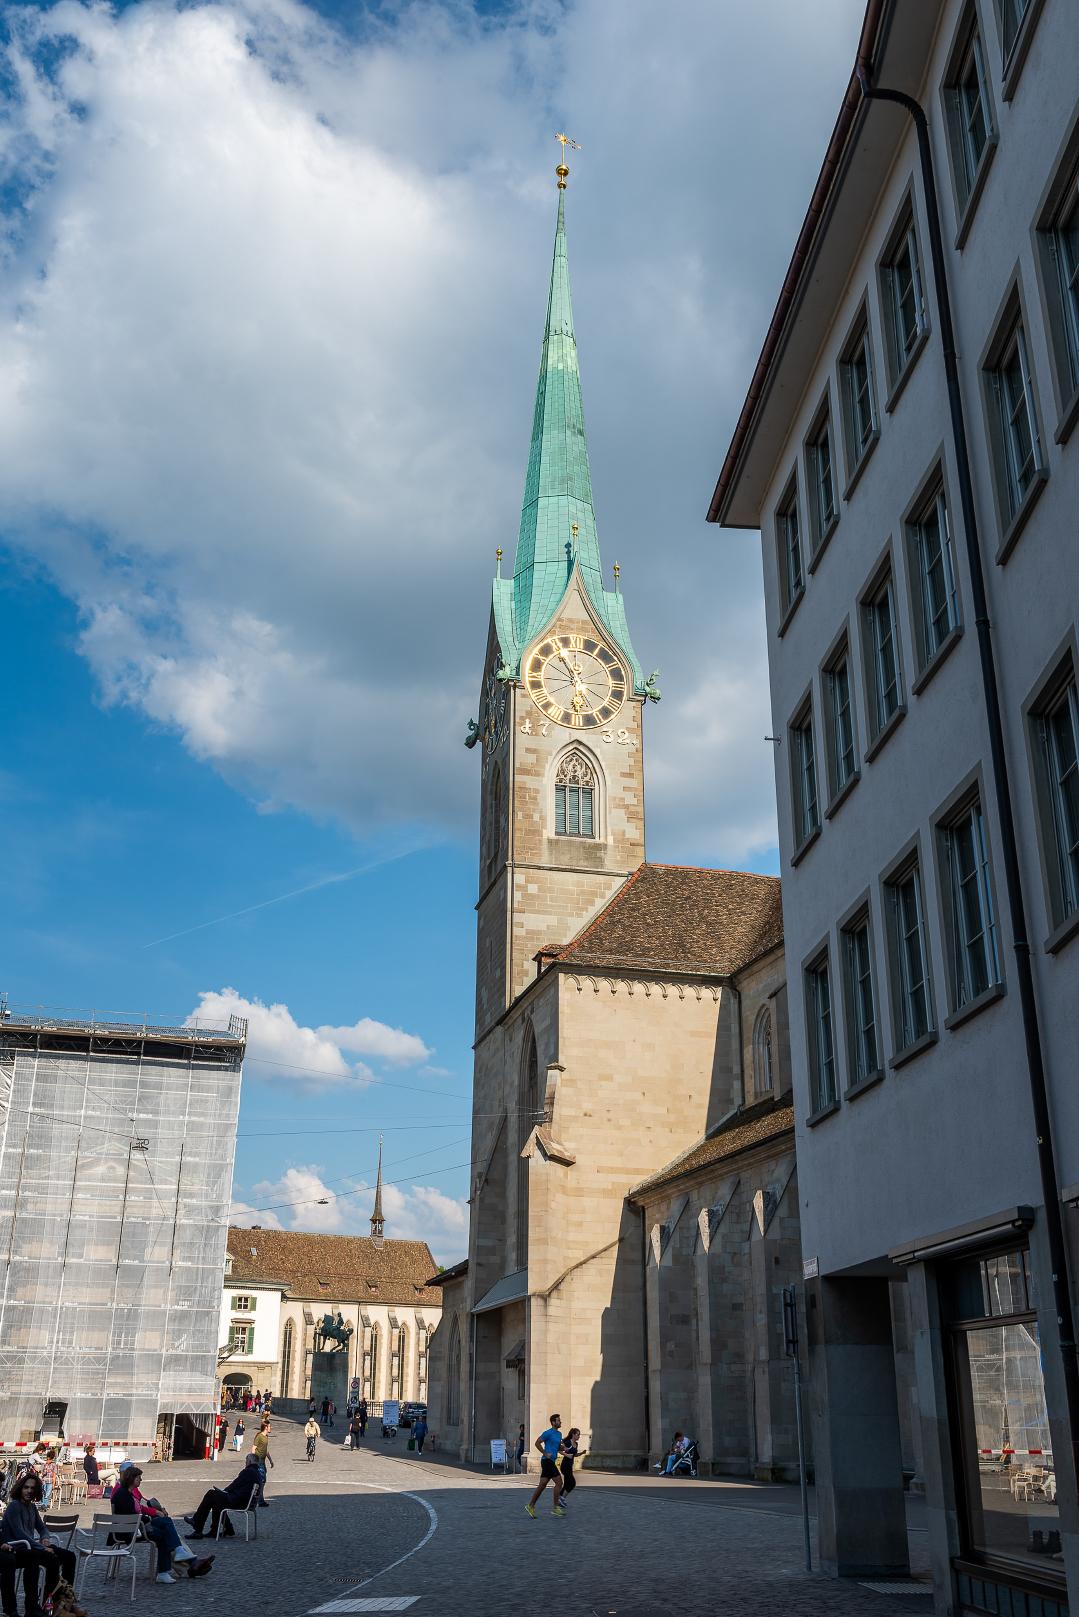 The Fraumünster kirche in central Zurich.